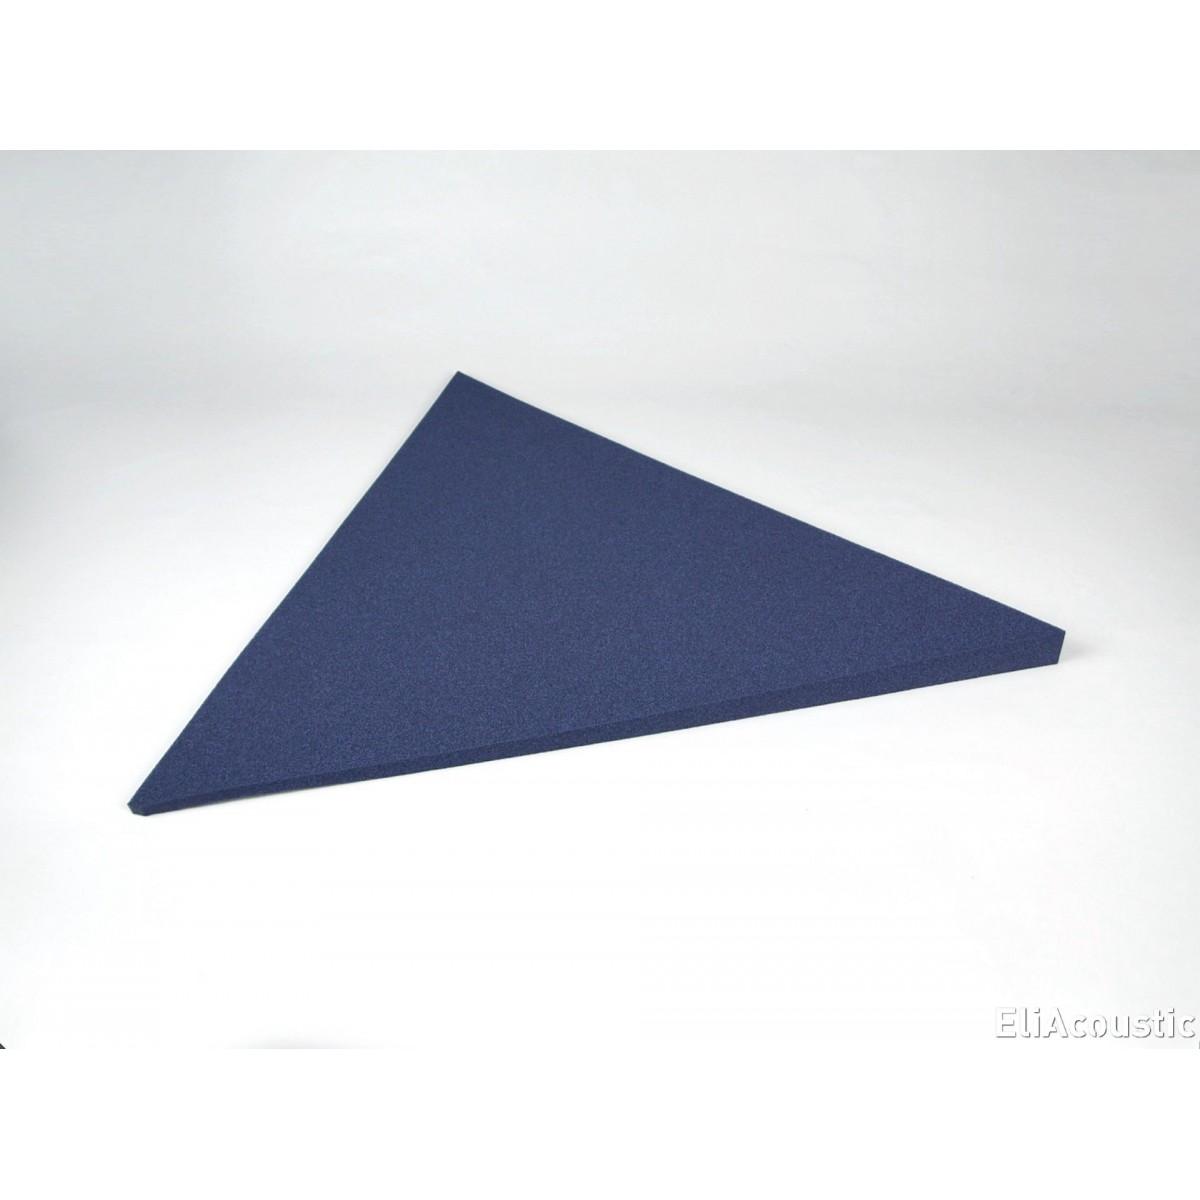 Panel Acustico EliAcoustic Flag Slim Pure con forma de triangulo